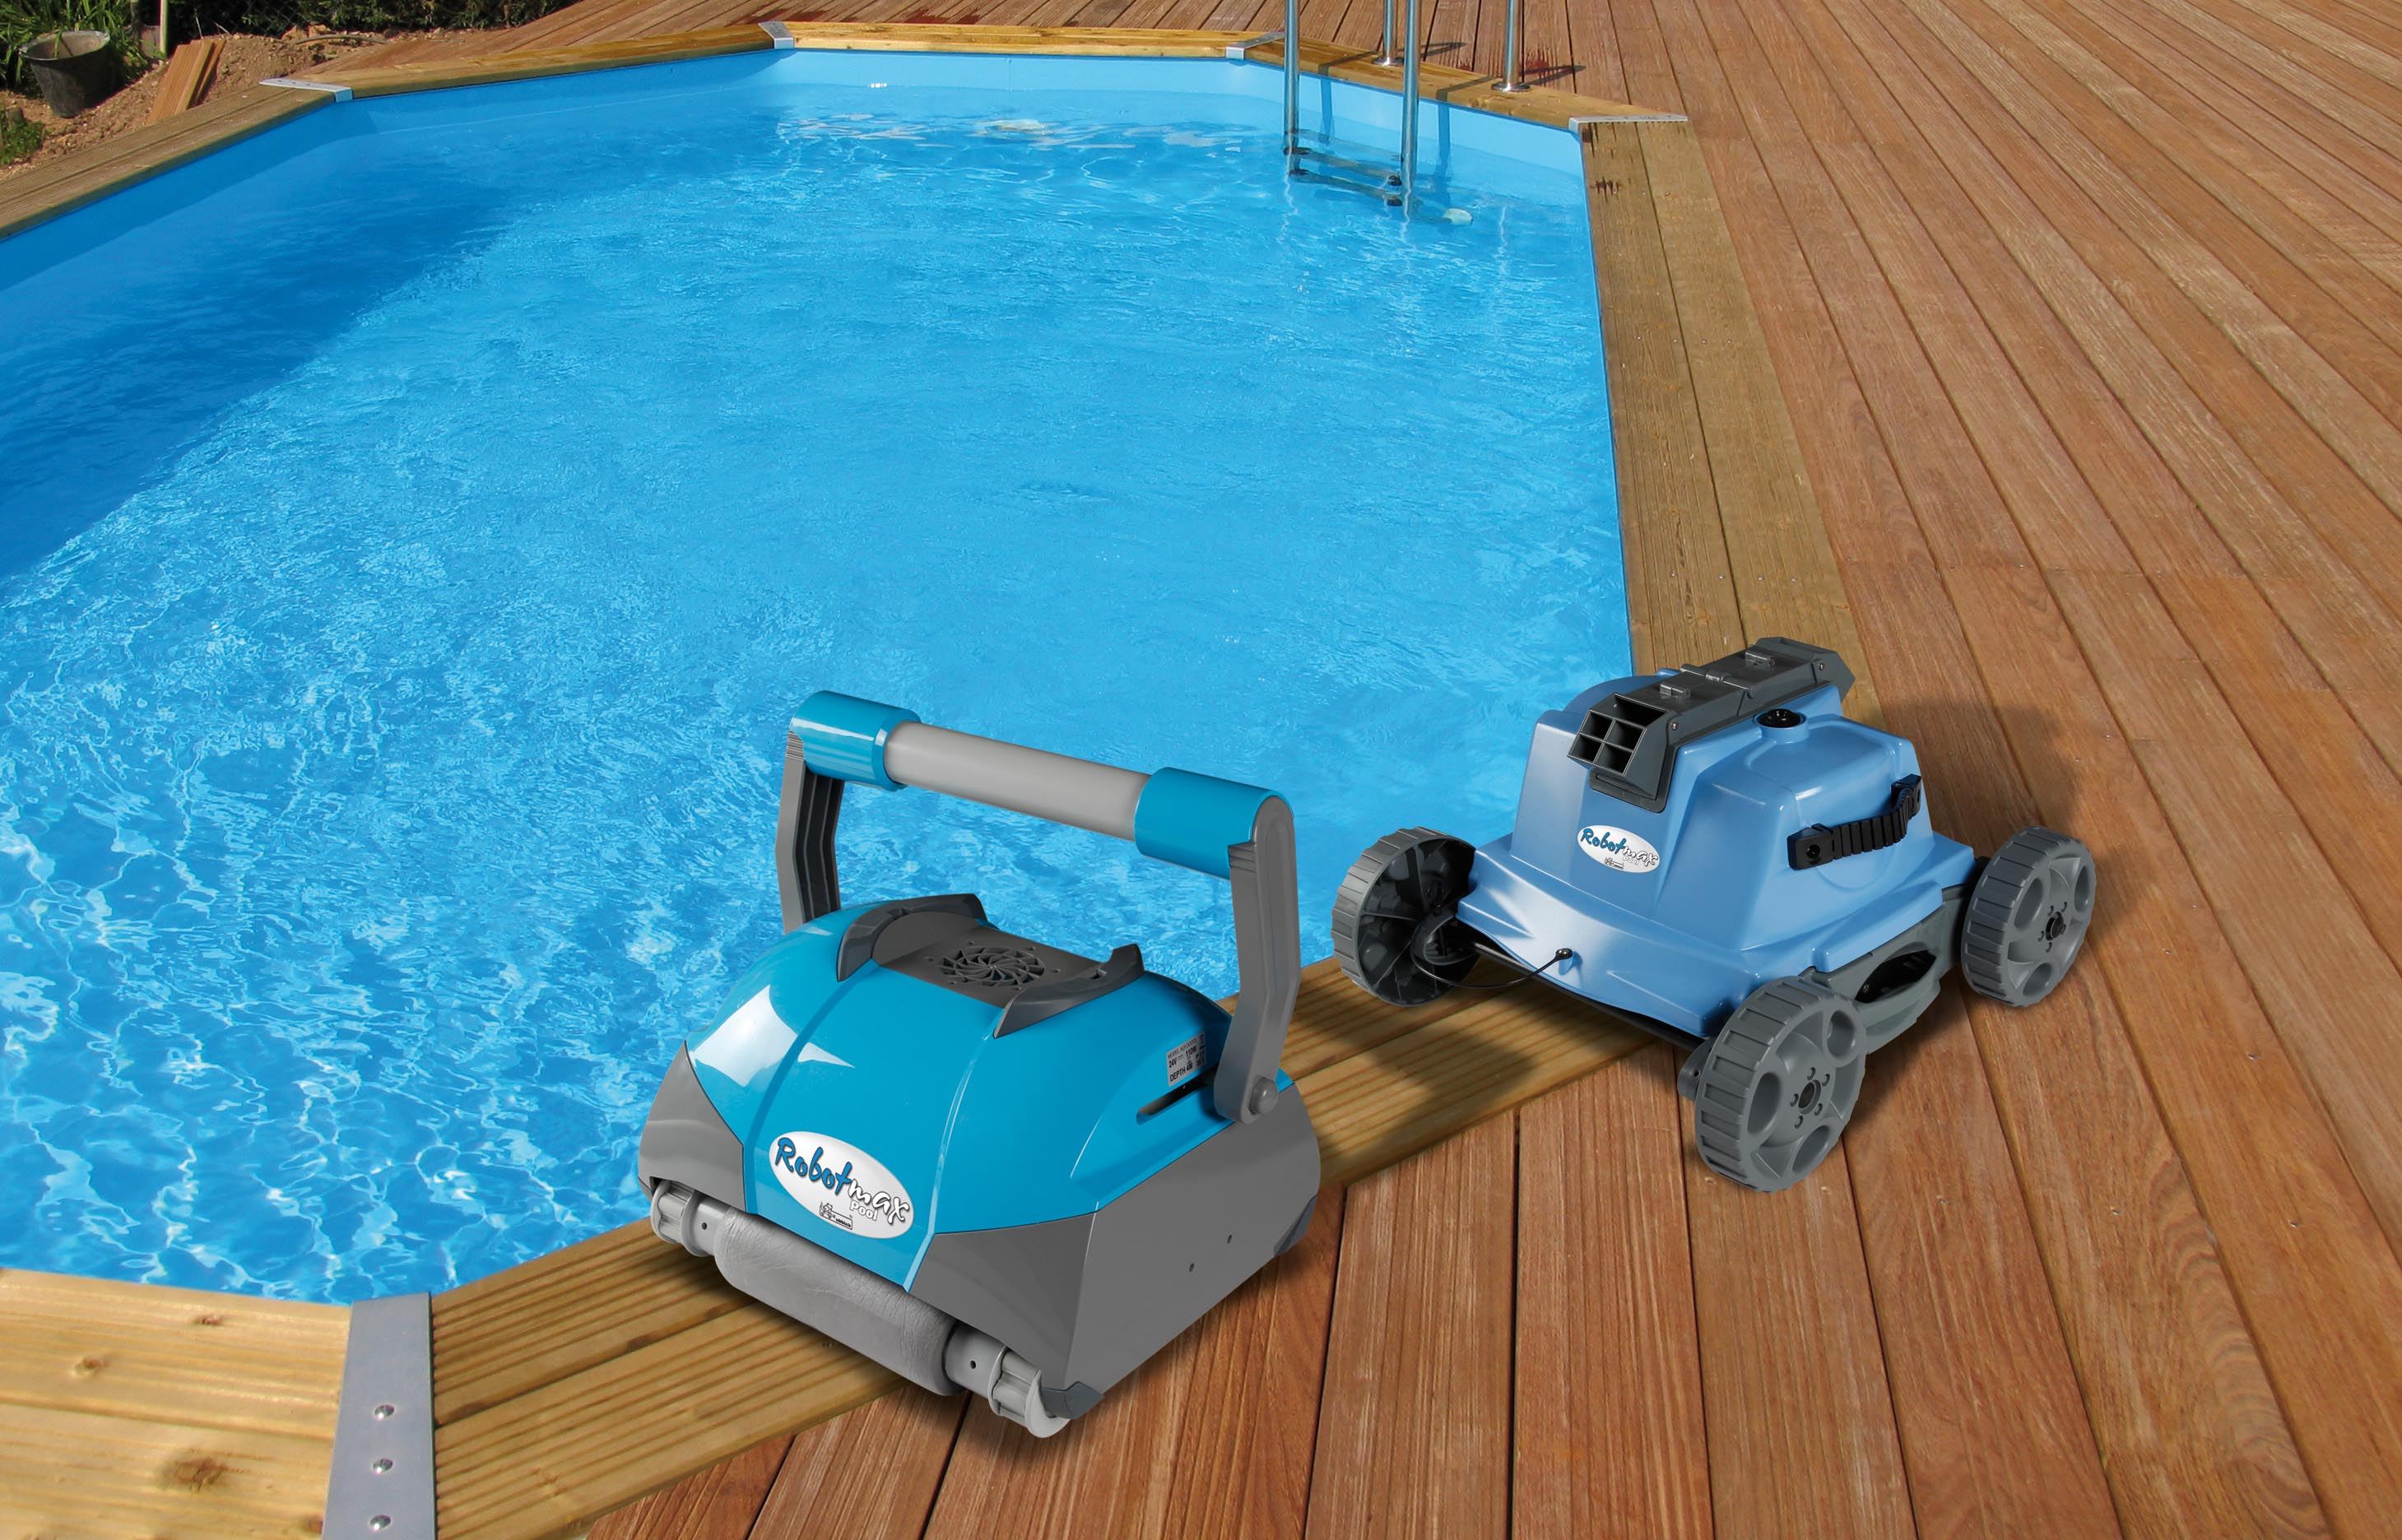 Kit piscine bois hors sol rectangulaire luxe 420 x 320 x for Robot piscine bois